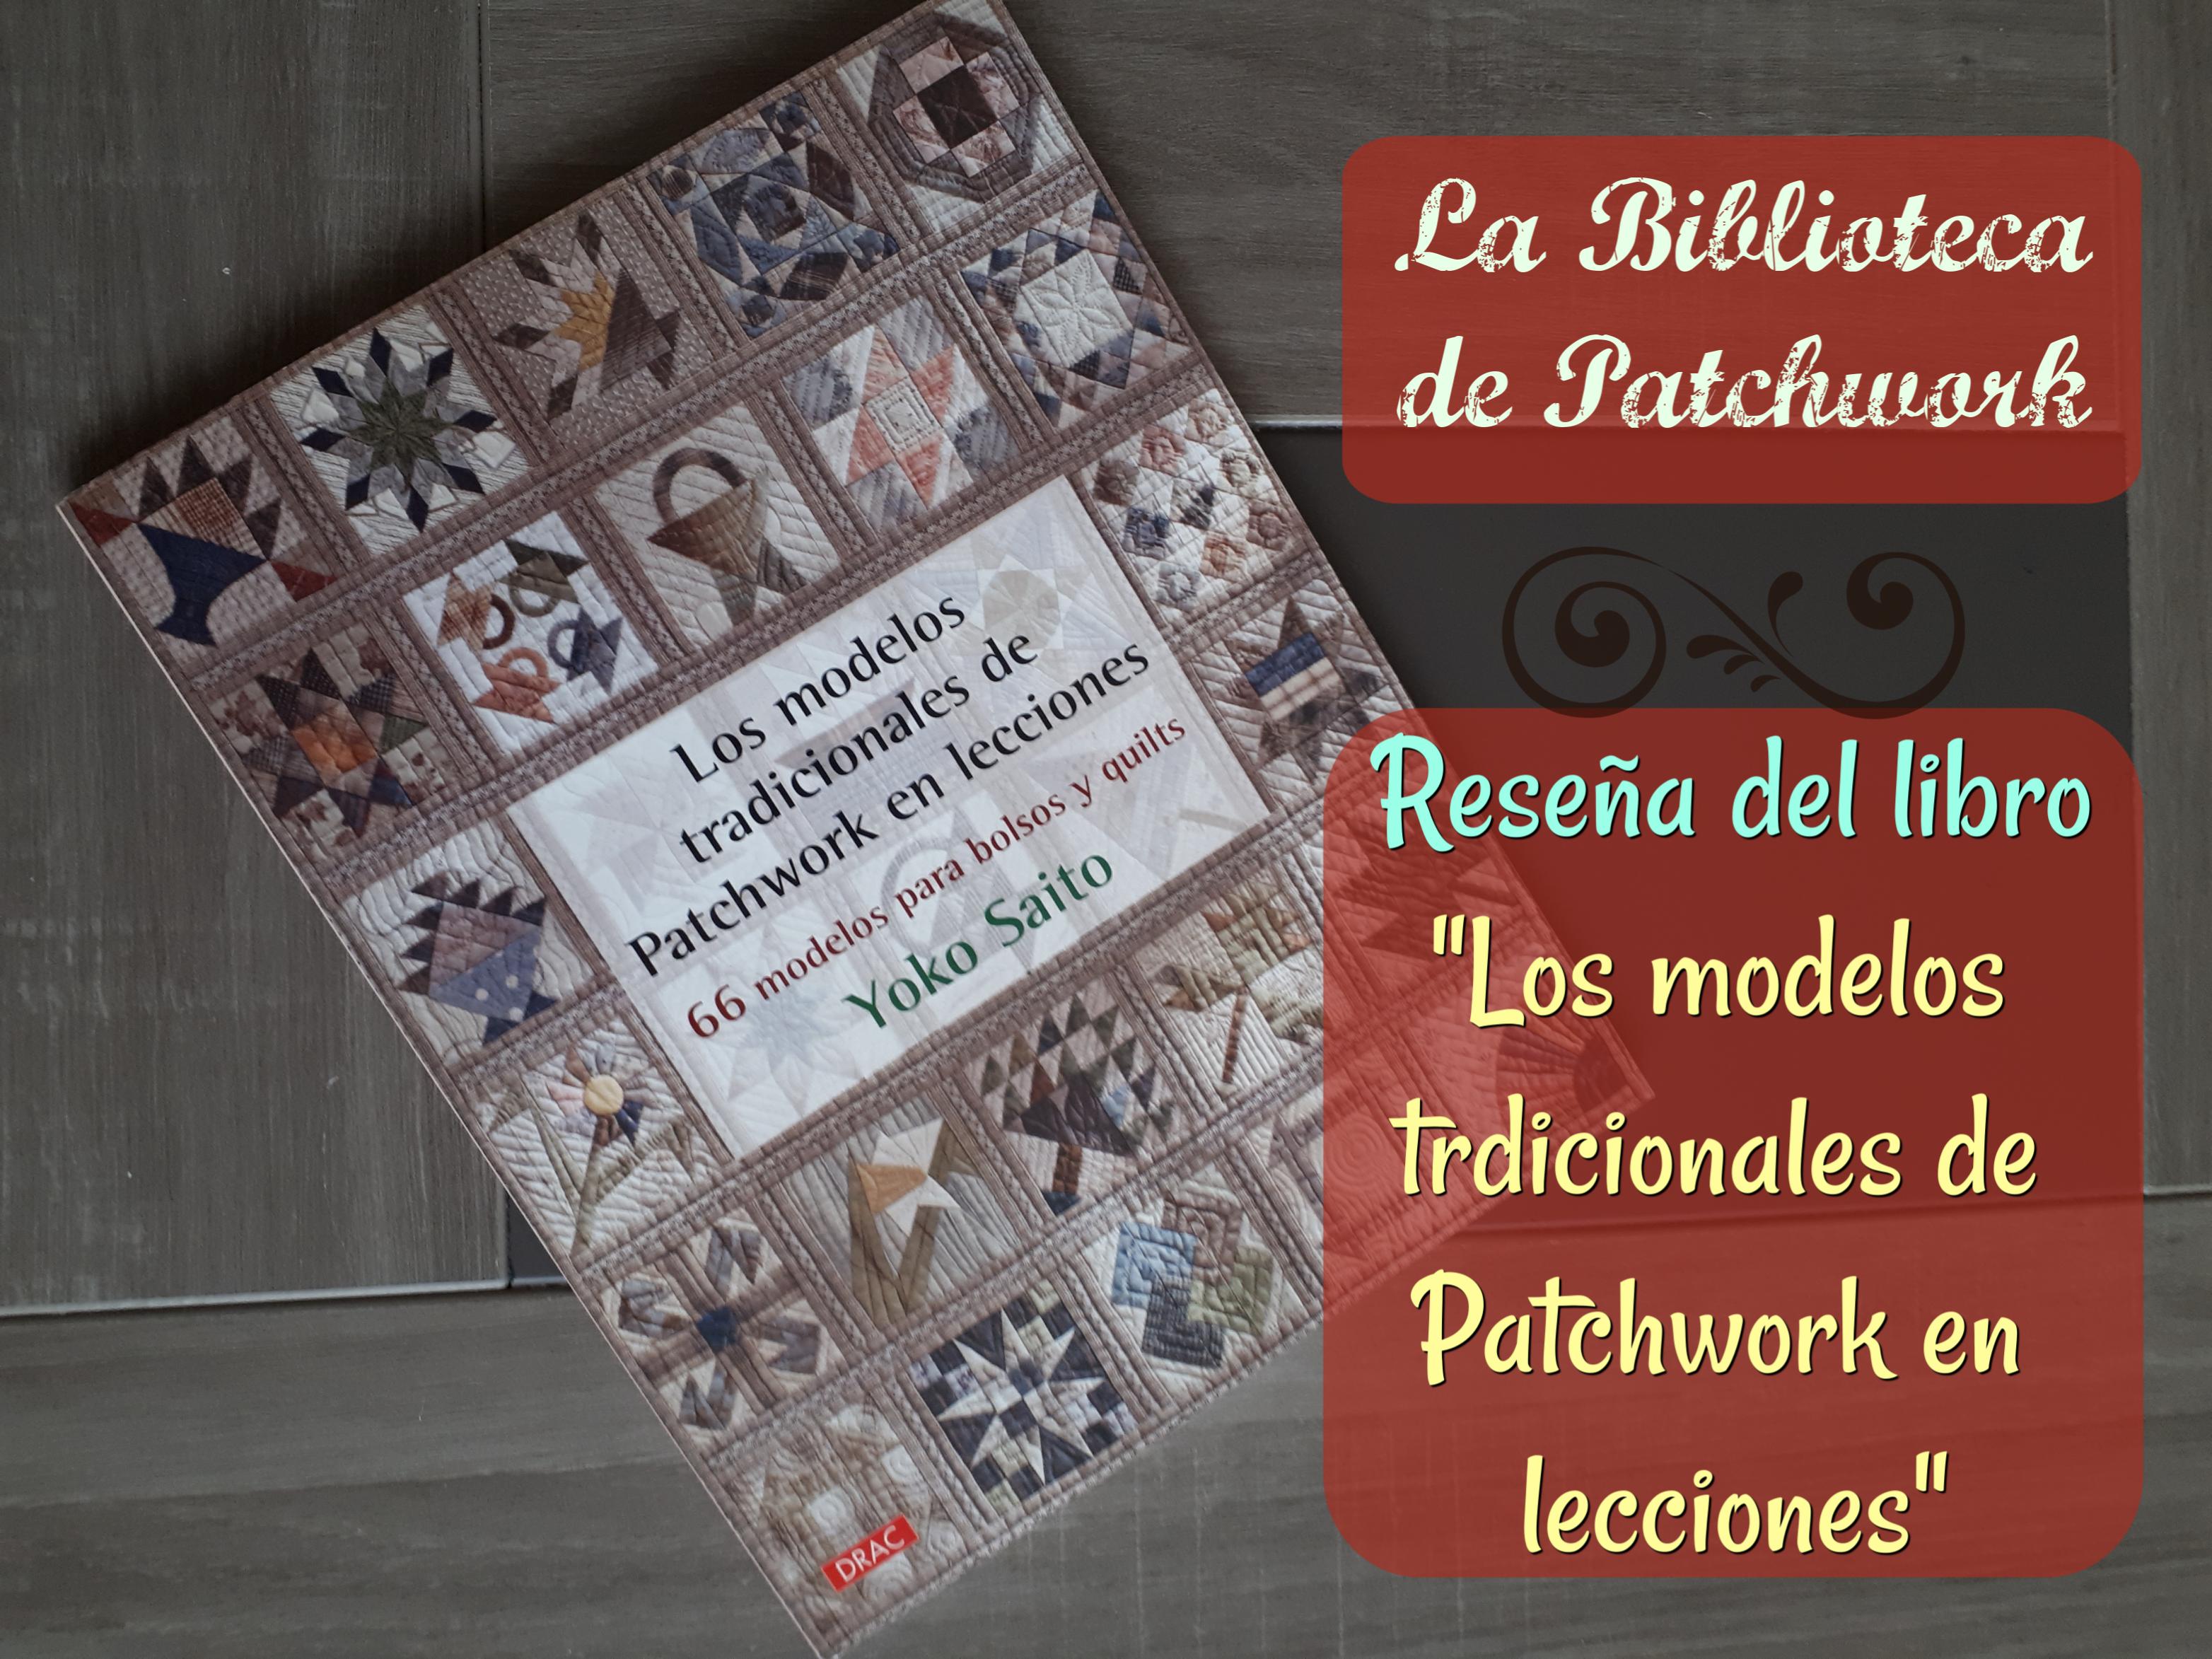 los modelos tradicionales de patchwork libro de patchwork de yoko saito